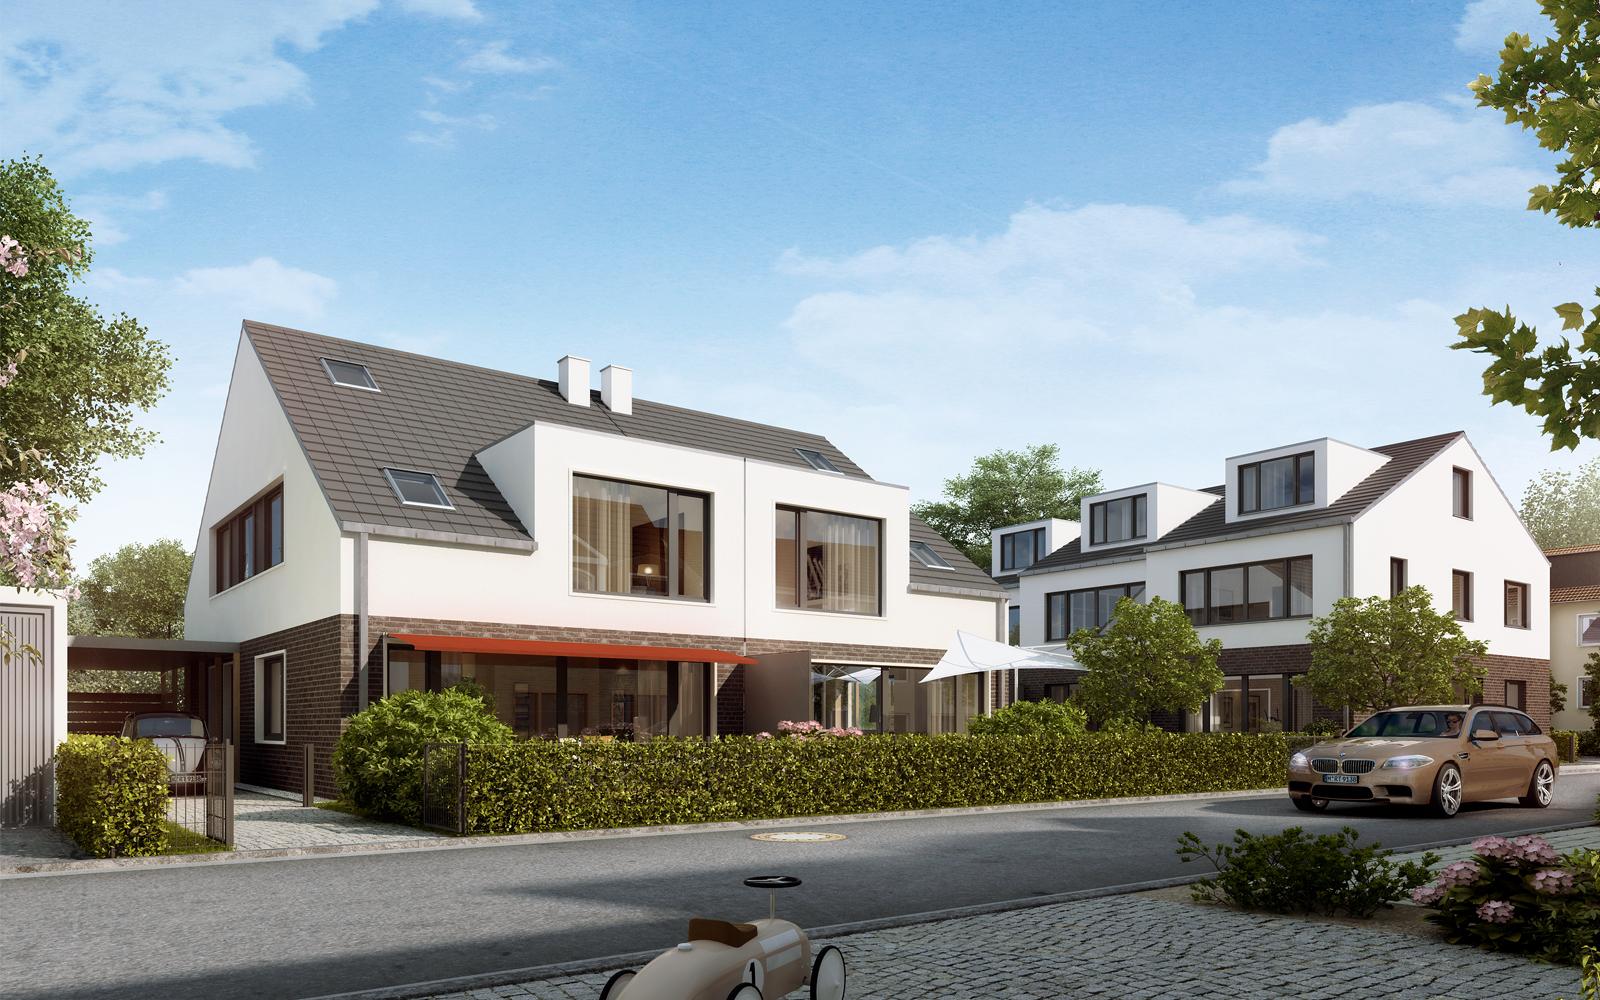 Einfamilienhaus Doppelhaus Reihenhaus Köln Steinweg Claus Architekten